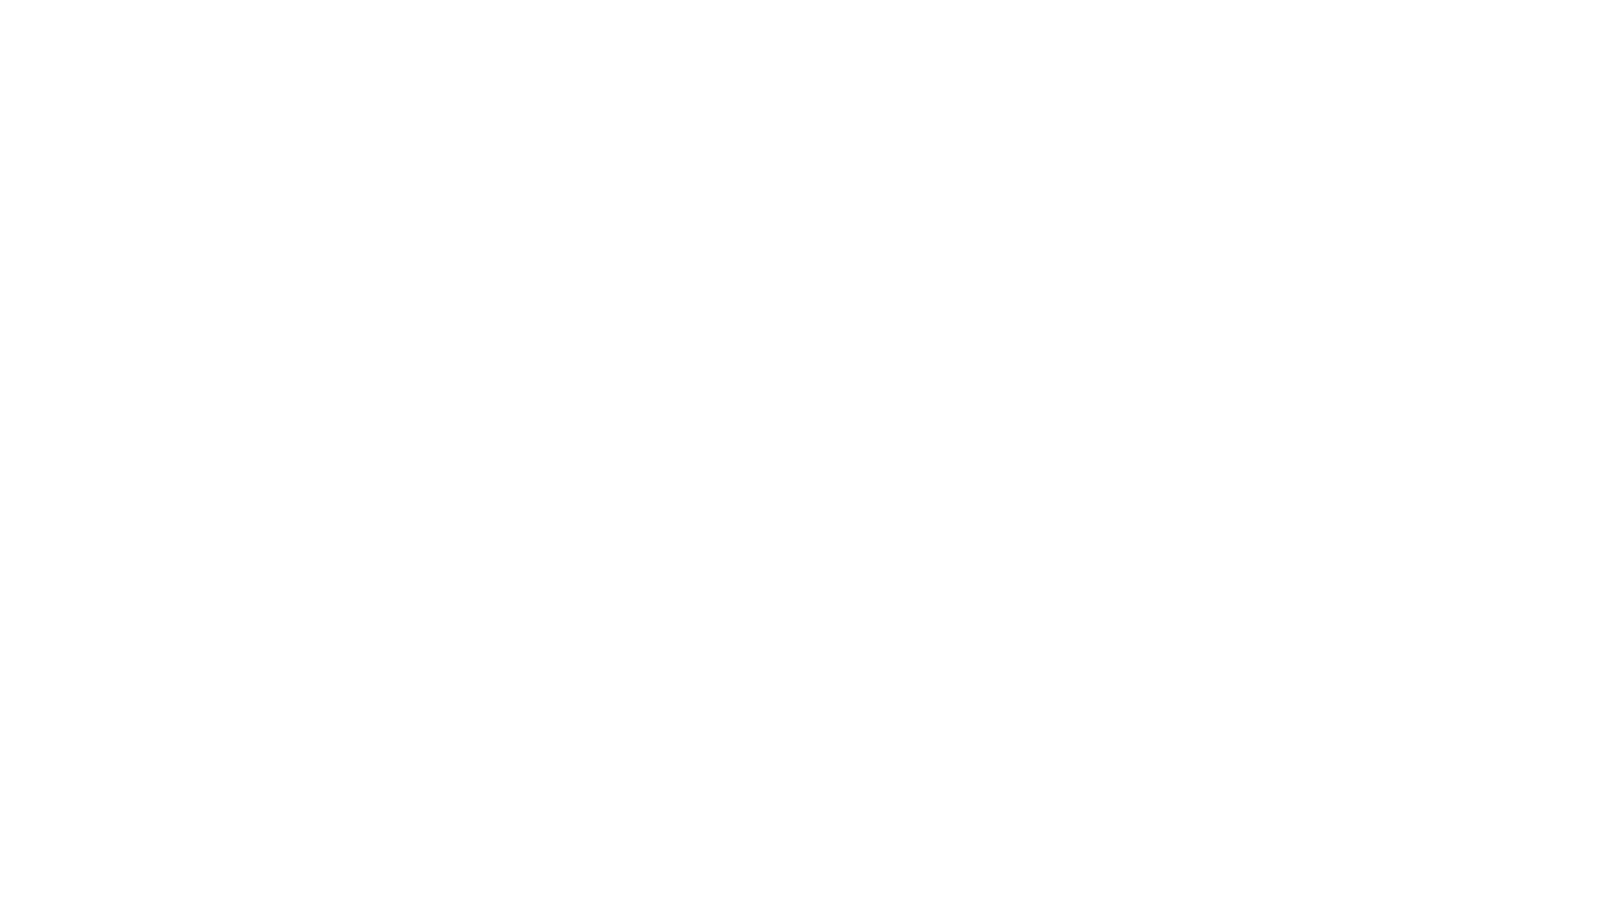 Willkommen zum Online Gottesdienst der Ruhr City Church, mit einer Predigt von Pastor in Ausbildung Phillip und Sandra Schmidt  Du hast etwas, wofür wir beten sollen? Schreib an:  pray@ruhrcity.church  Du hast Fragen oder willst Kontakt aufnehmen:  connect@ruhrcity.church  Website: www.ruhrcity.church Instagram: ruhrcity.church